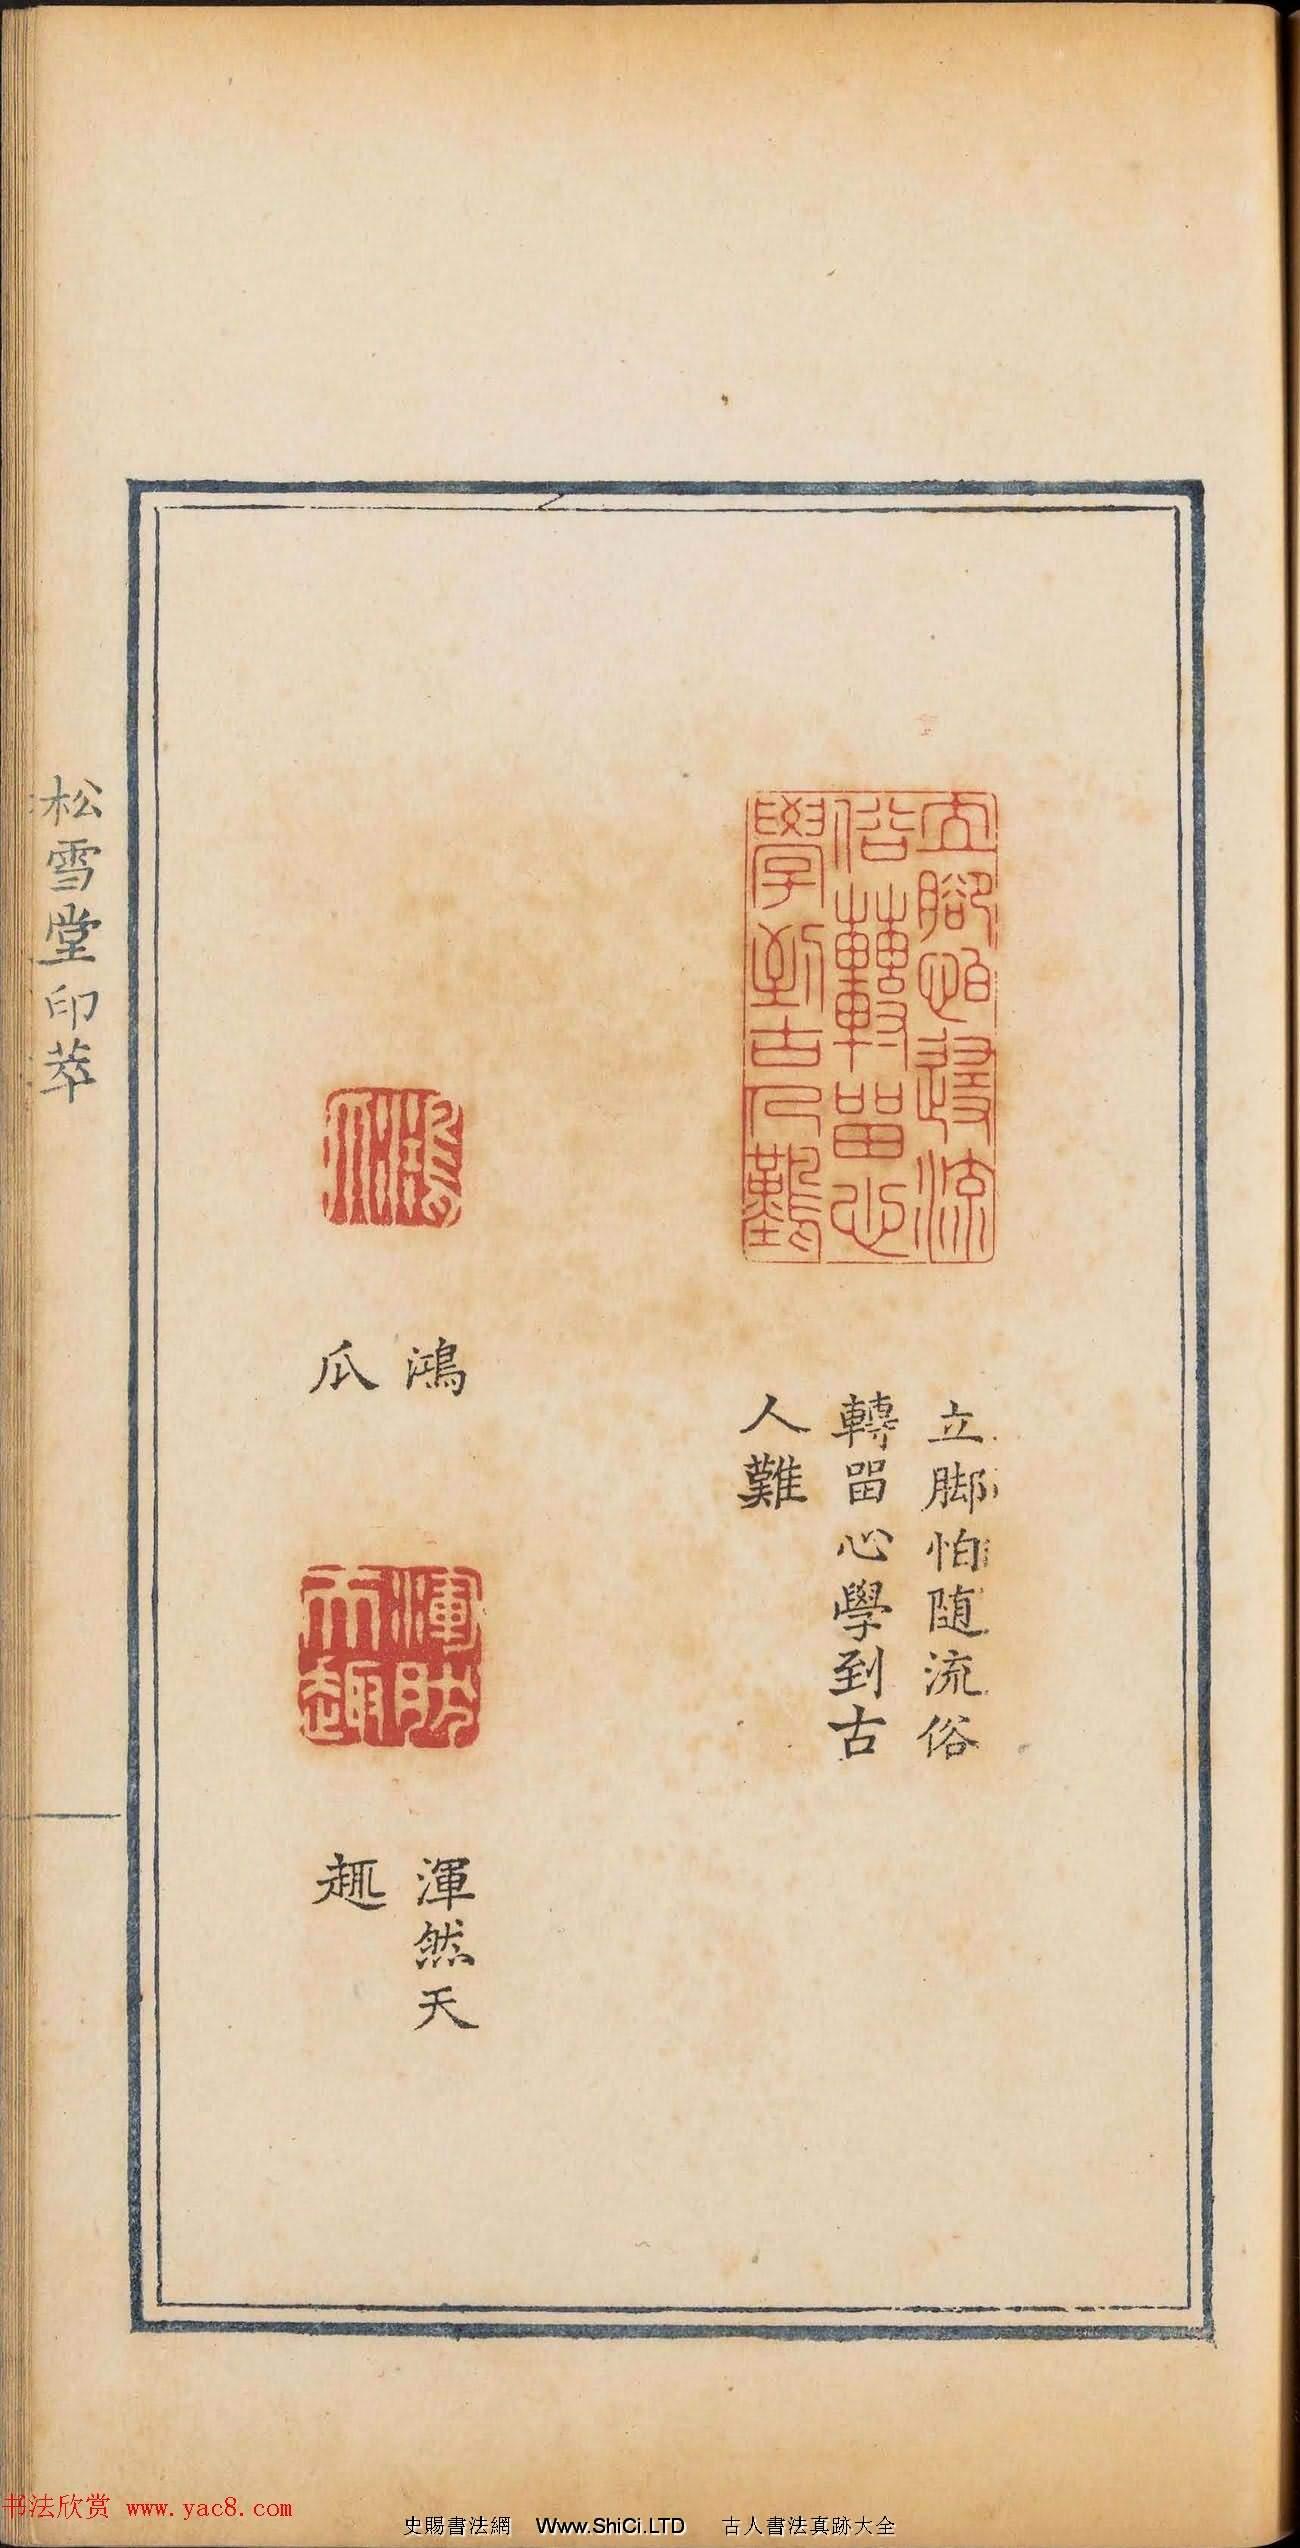 清乾隆時期鈐印本《松雪堂印萃》第三冊